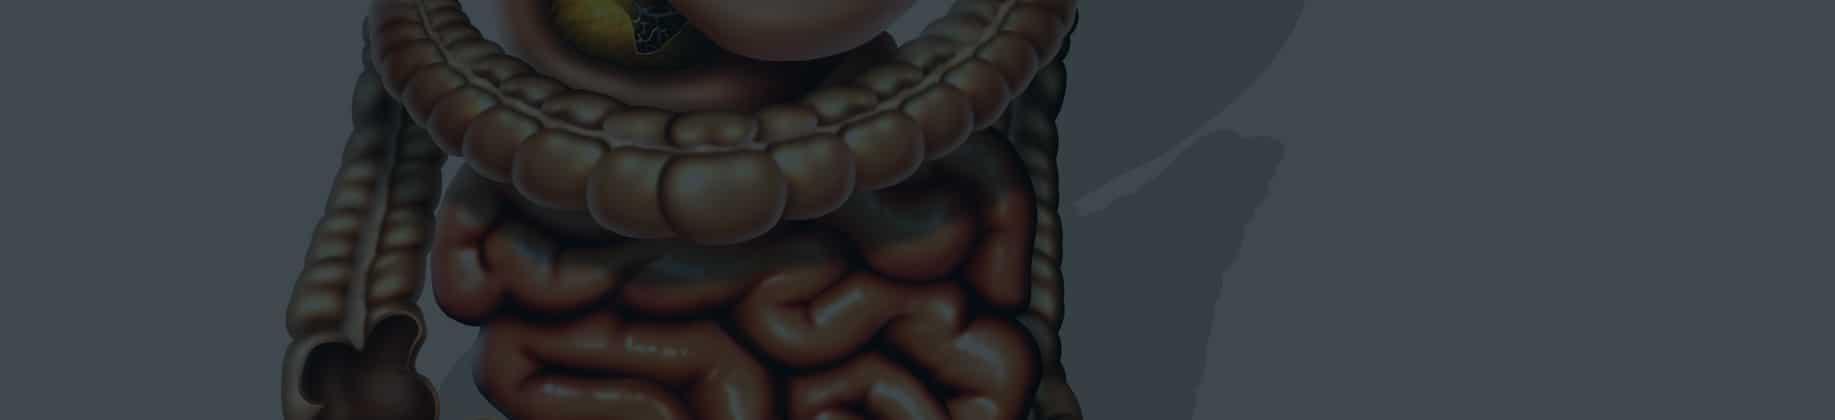 Człowiek – układ pokarmowy (3L)